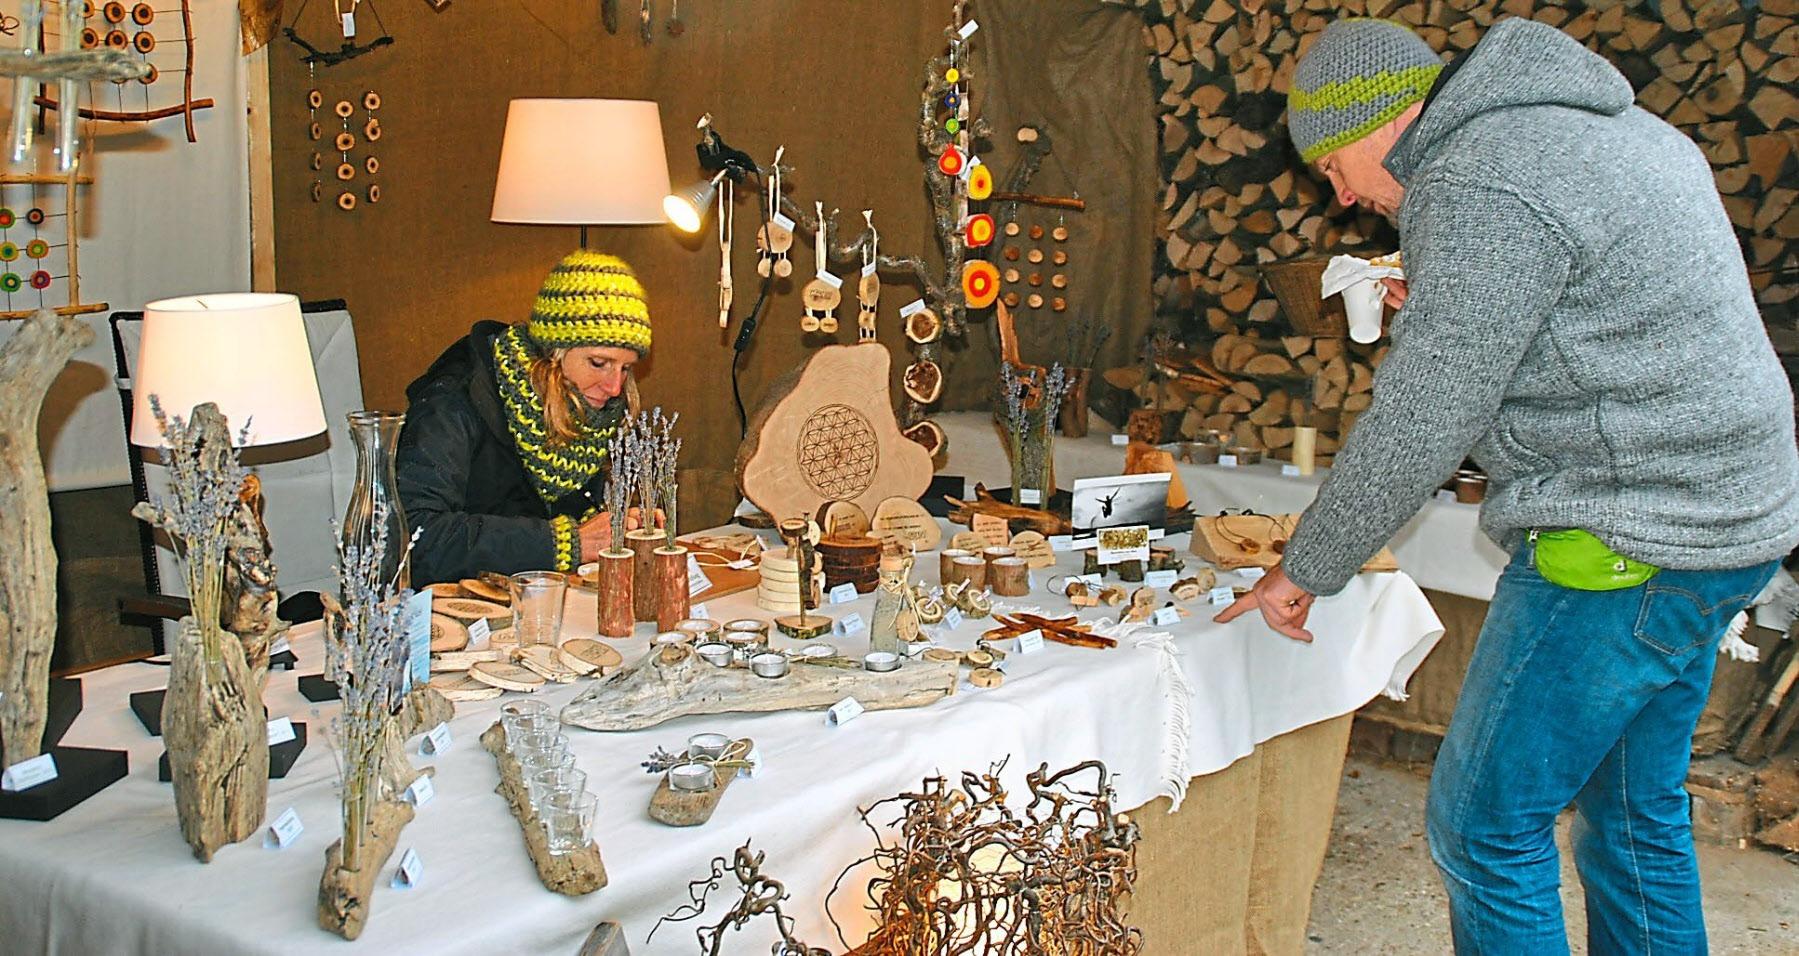 Stimmungsvolle Atmosphäre mit tausendfachem Lichterglanz und attraktives Kunsthandwerk – mehr als Grund genug für einen Besuch der Arnsberger Dorfweihnacht. Fotos: oh